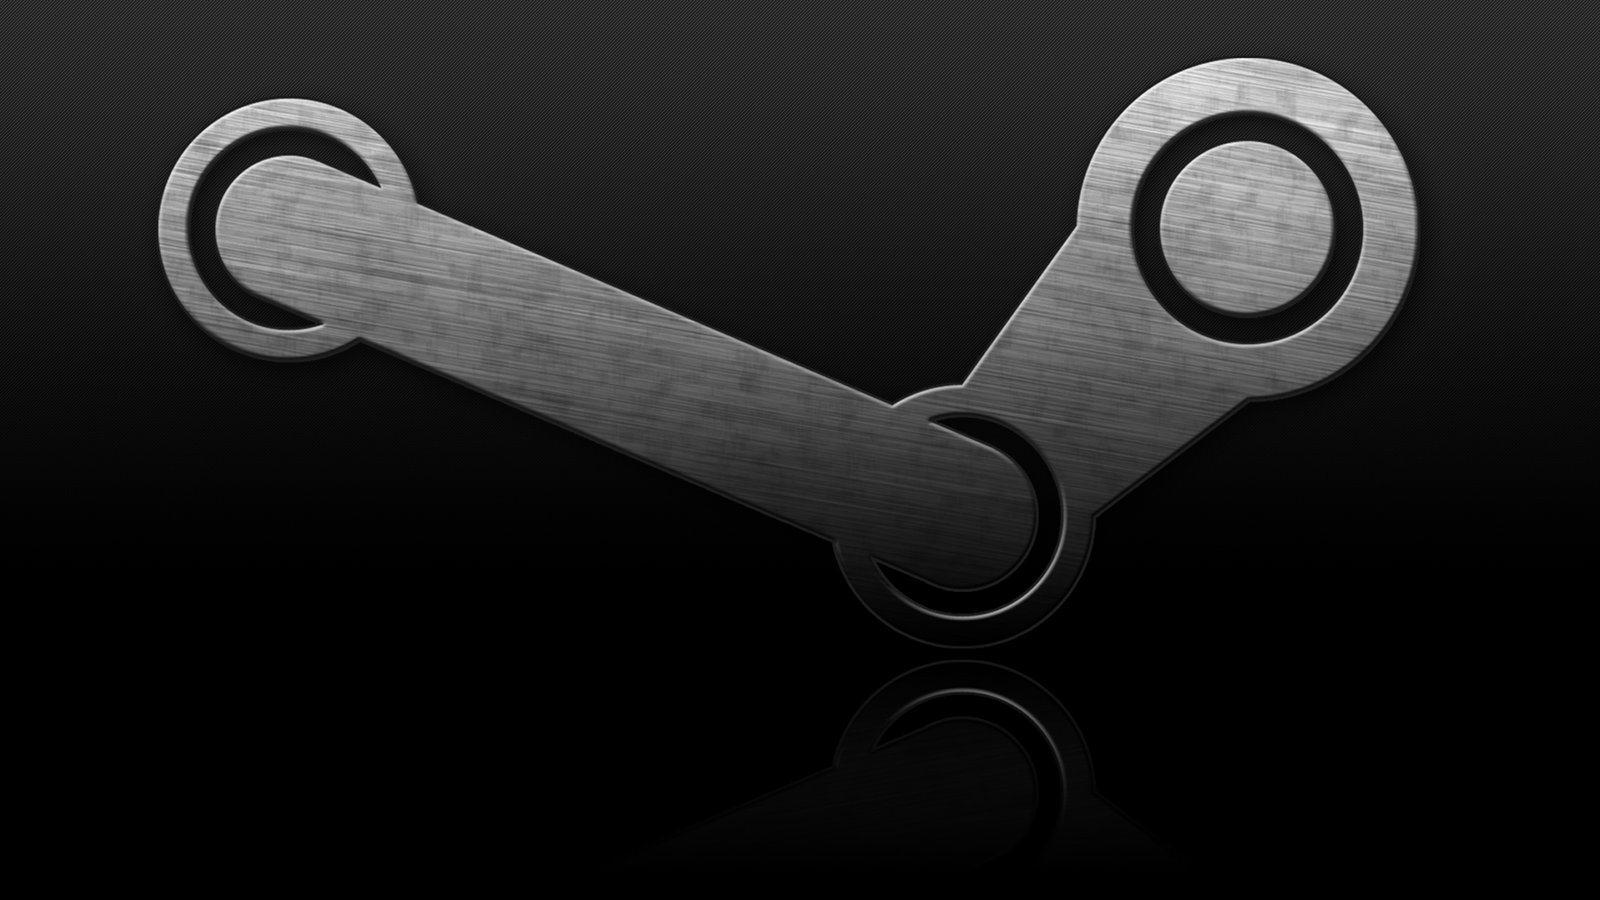 steam - Steam raggiunge i 75 milioni di utenti e pensa a nuovi servizi